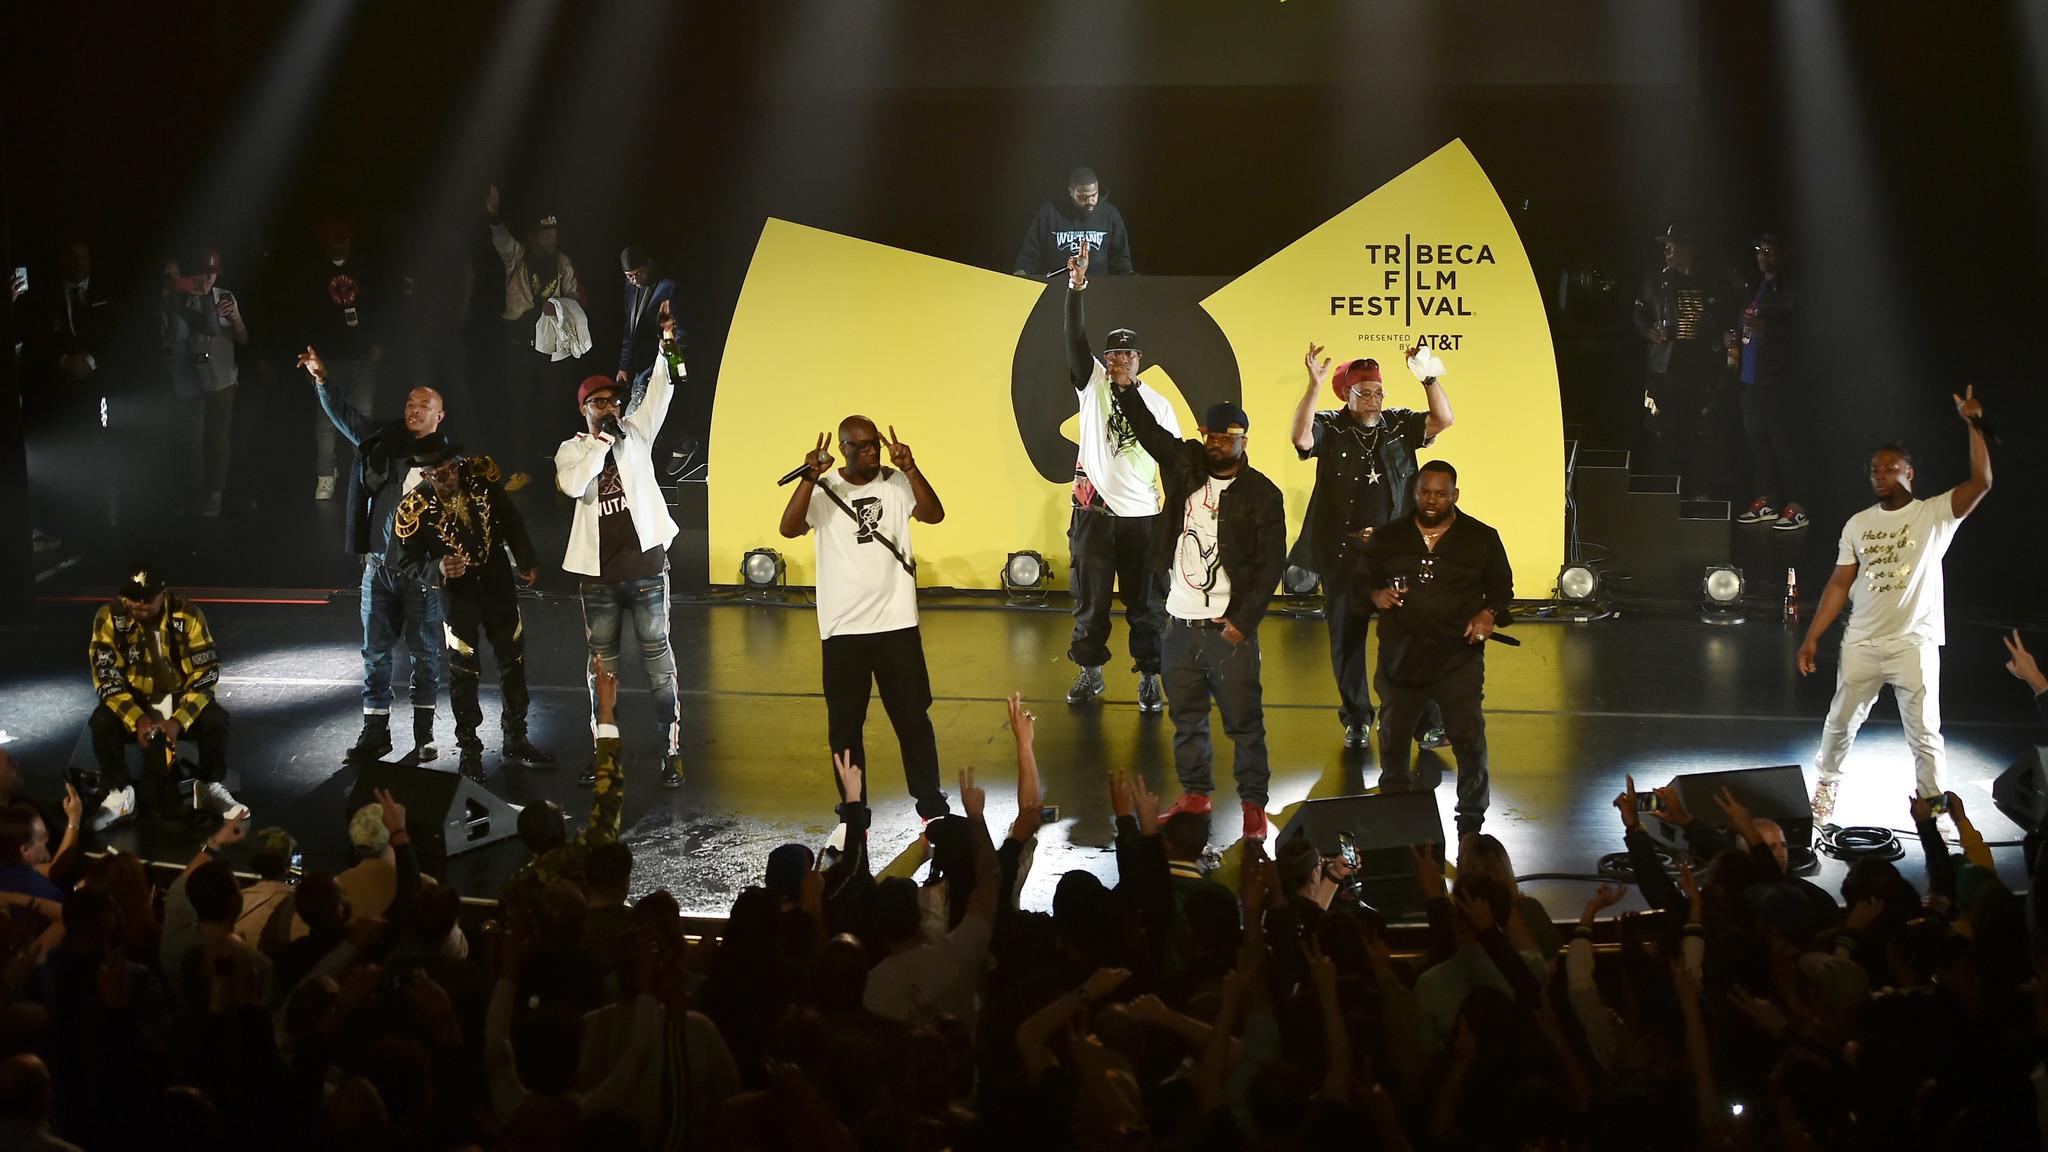 Inspectah Deck, Ghostface Killah, Method Man, Raekwon, RZA, Bar-Sun Unique Jones, U-God, Mathematics, Cappadonna, and Popa Wu at an event for Wu-Tang Clan: Of Mics and Men (2019)